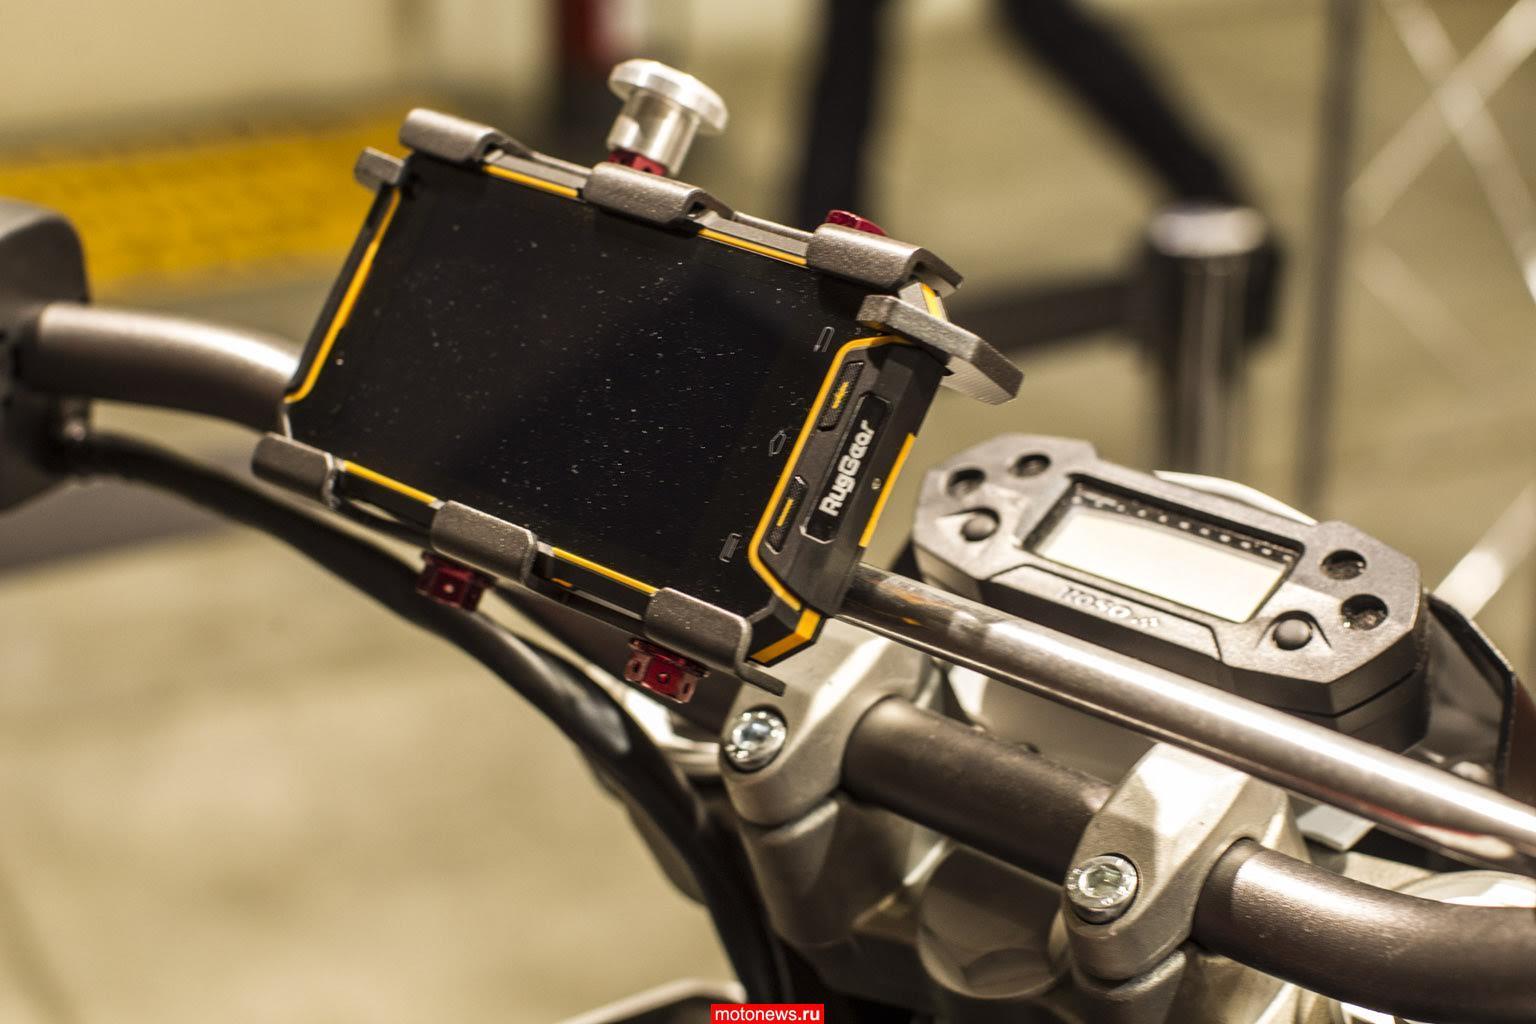 Новый мотоциклетный бренд Armotia на выставке EICMA-2015